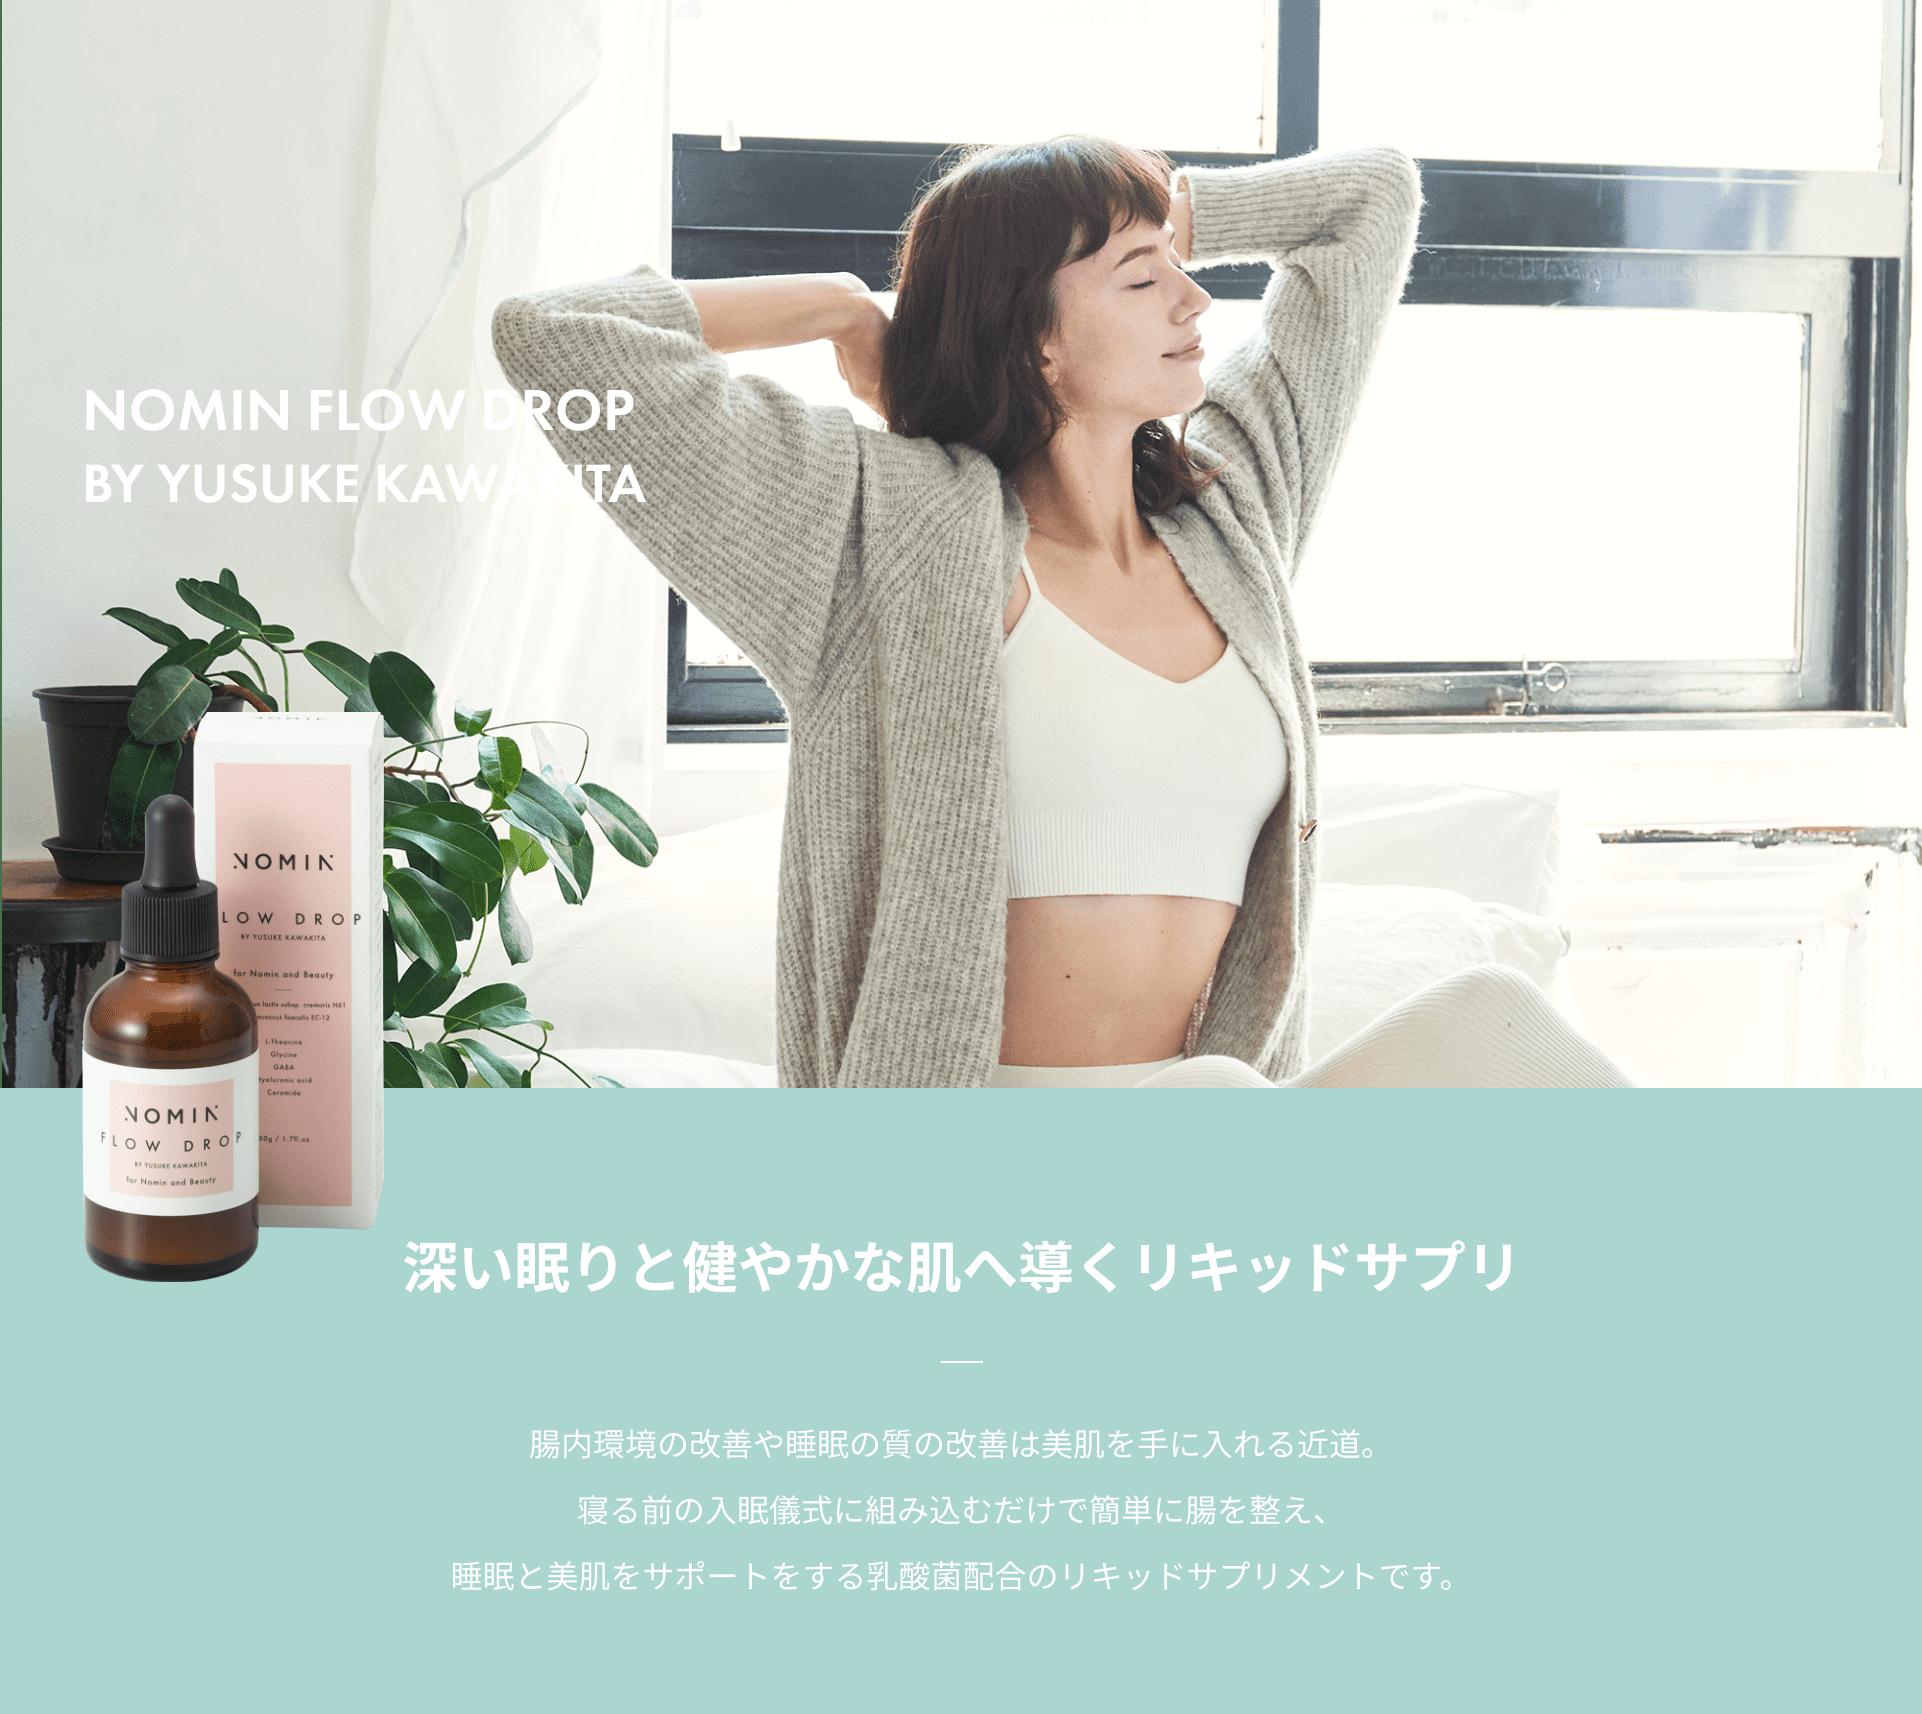 NOMIN FLOW DROP BY YUSUKE KAWAKITA 深い眠りと健やかな肌へ導くリキッドサプリ 腸内環境の改善や睡眠の質の改善は美肌を手に入れる近道。寝る前の入眠儀式に組み込むだけで簡単に腸を整え、睡眠と美肌をサポートをする乳酸菌配合のリキッドサプリメントです。